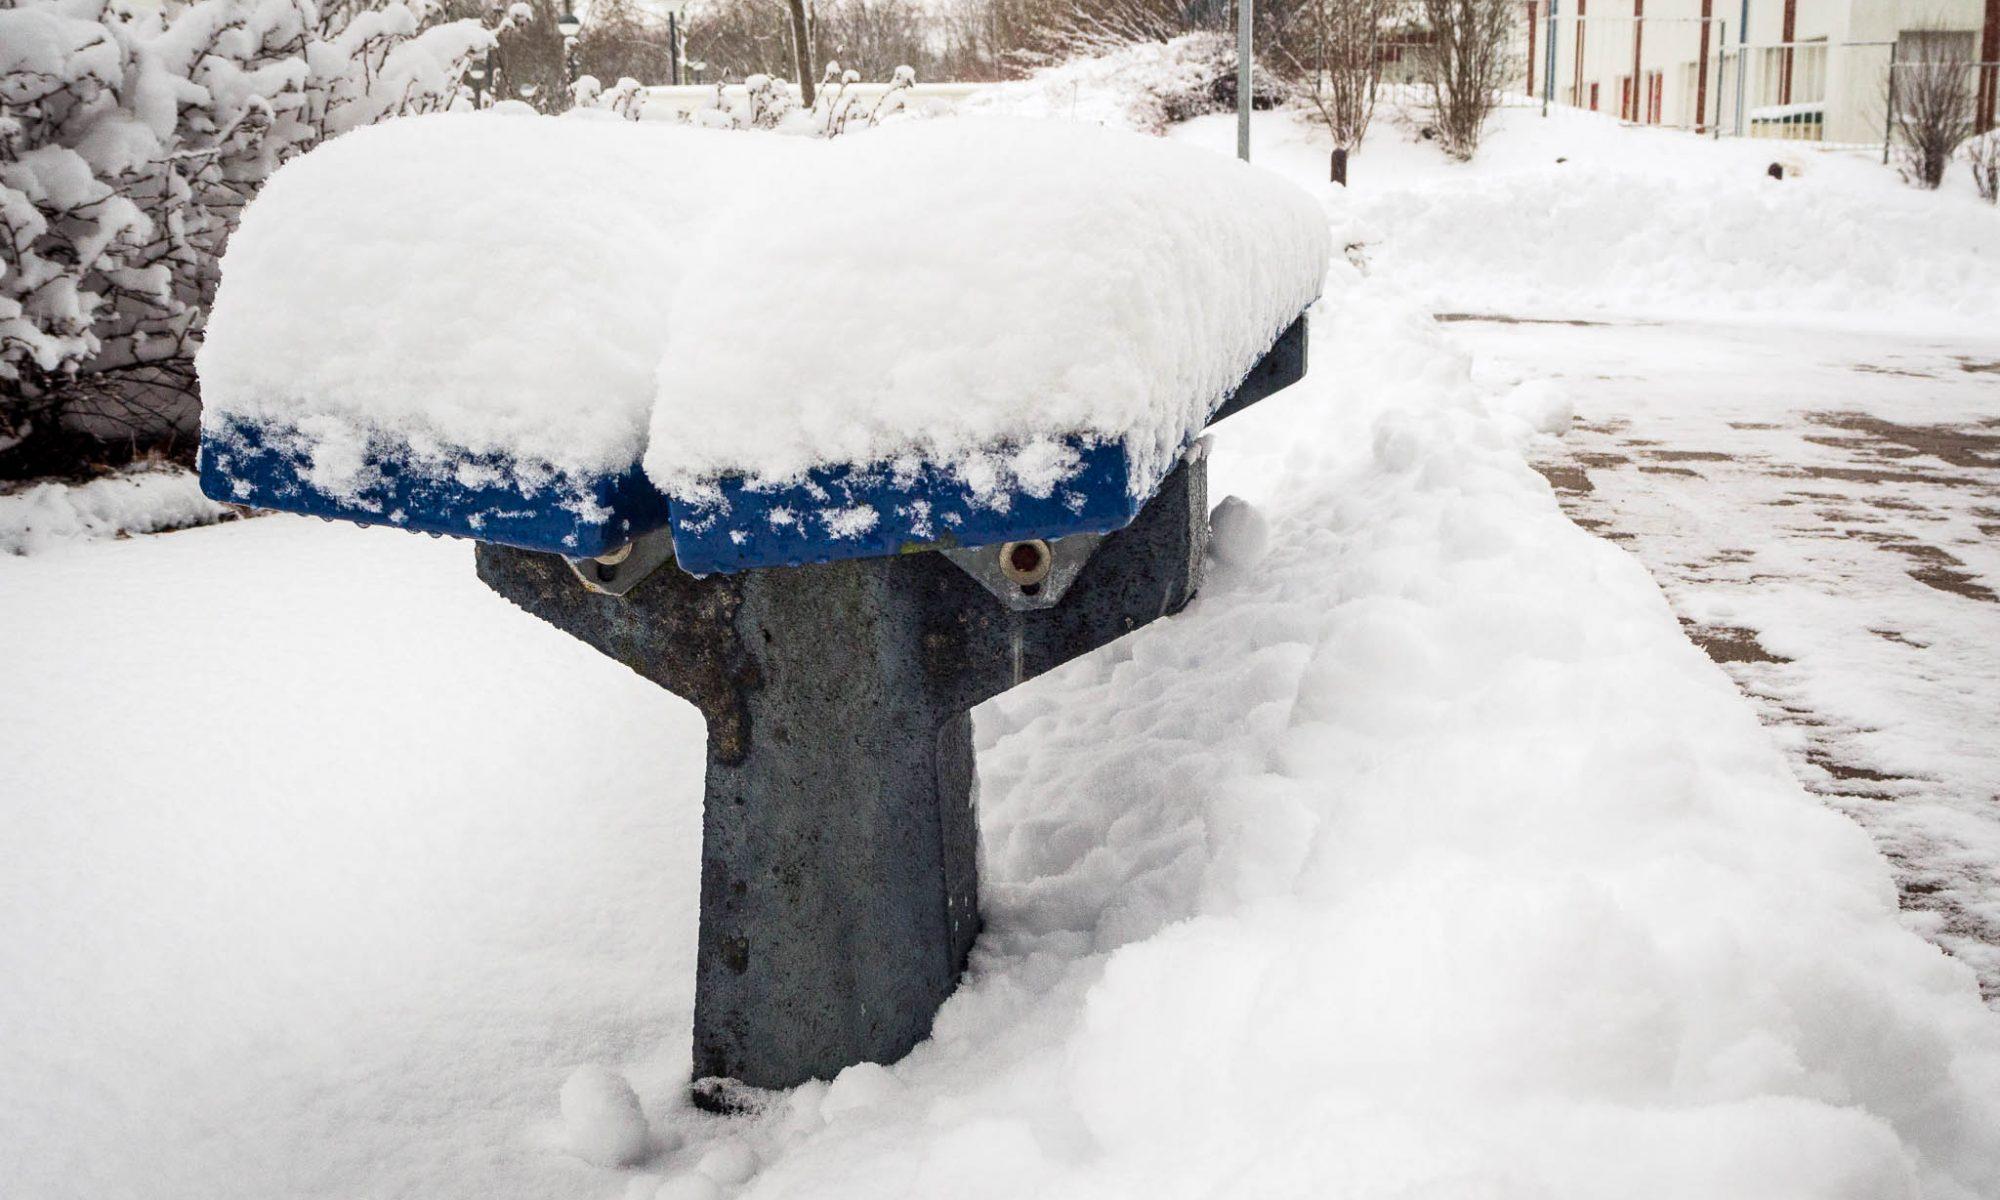 Schnee sammeln